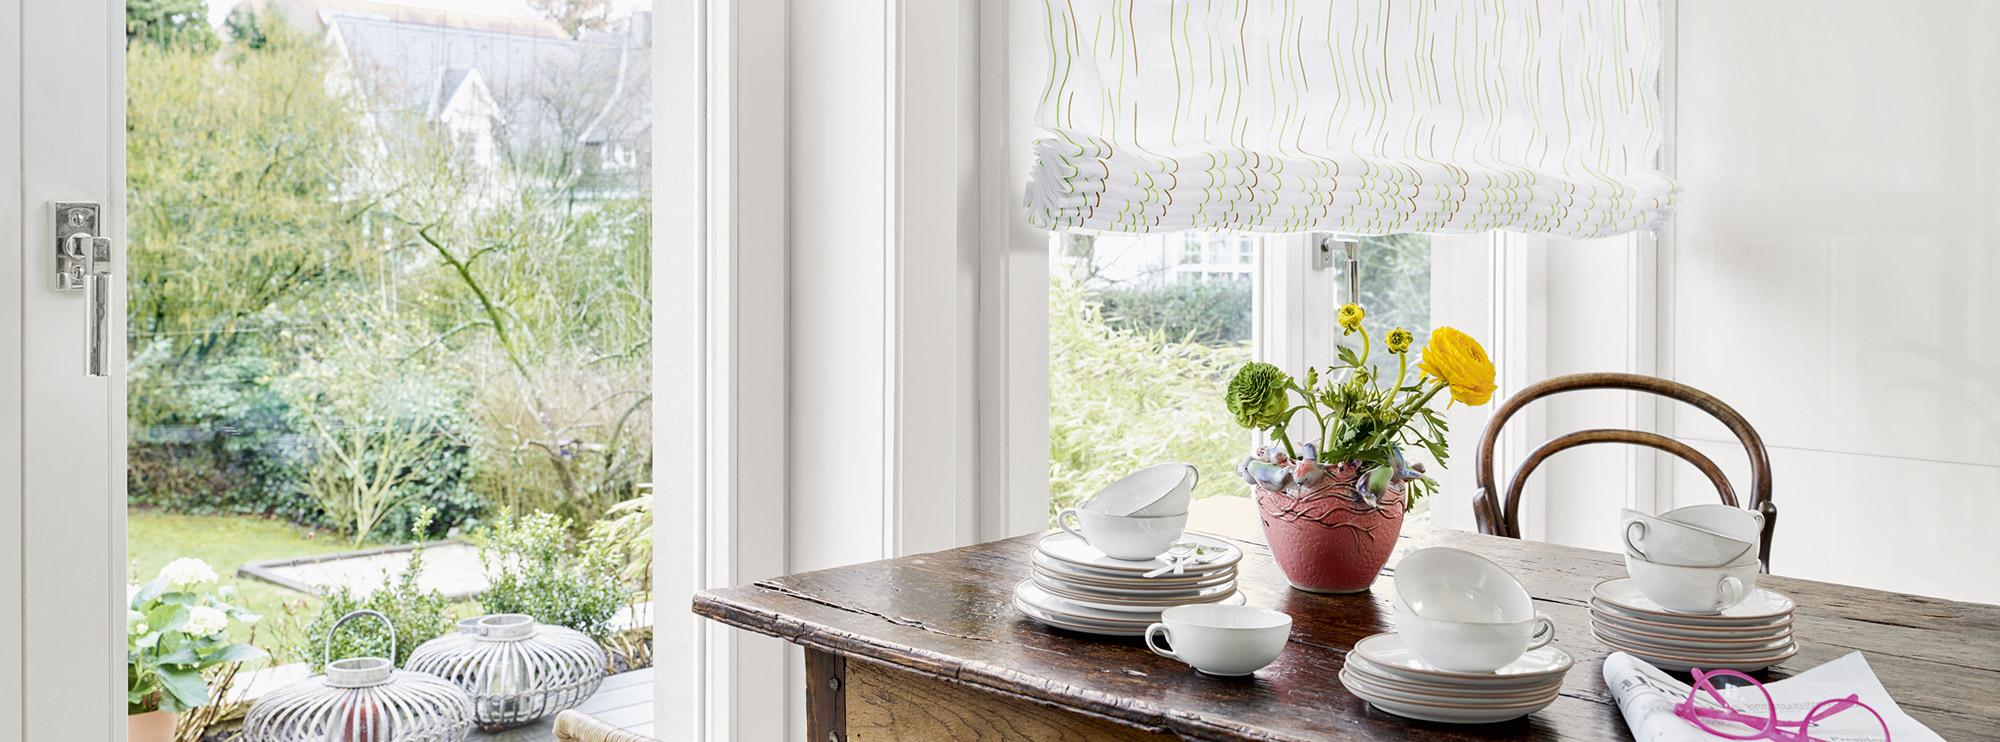 raffrollo-ado-sonnenschutz-vorhang-esszimmer